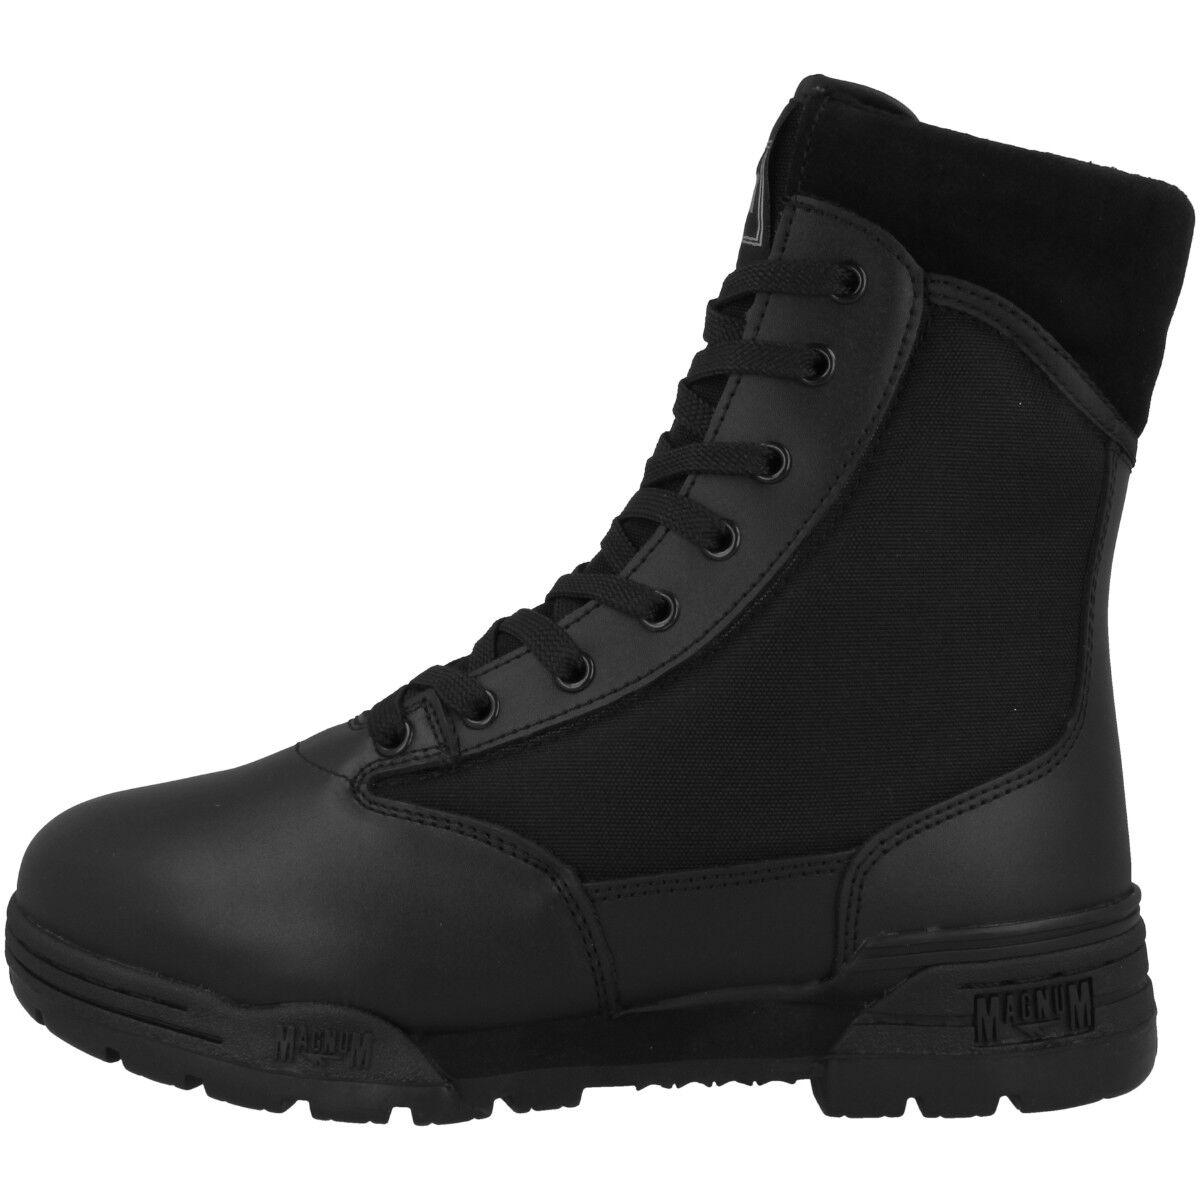 Magnum Hi-Tec Classic Calzado botas Hitec botas M800892-021-01